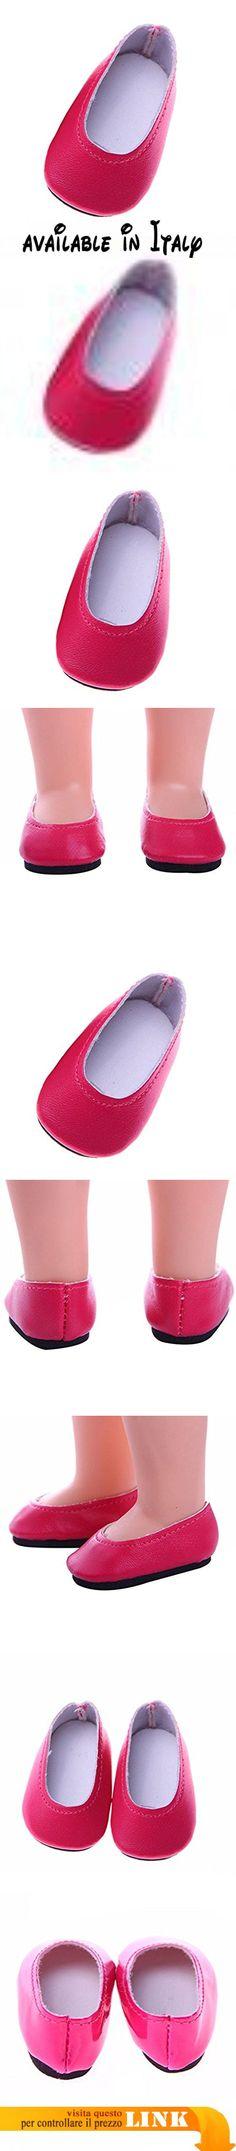 Sharplace Coppie Di Pattini Scarpe Pale Slip On Piane Sandali Pantafole Fashion Accessori Per Bambola 14